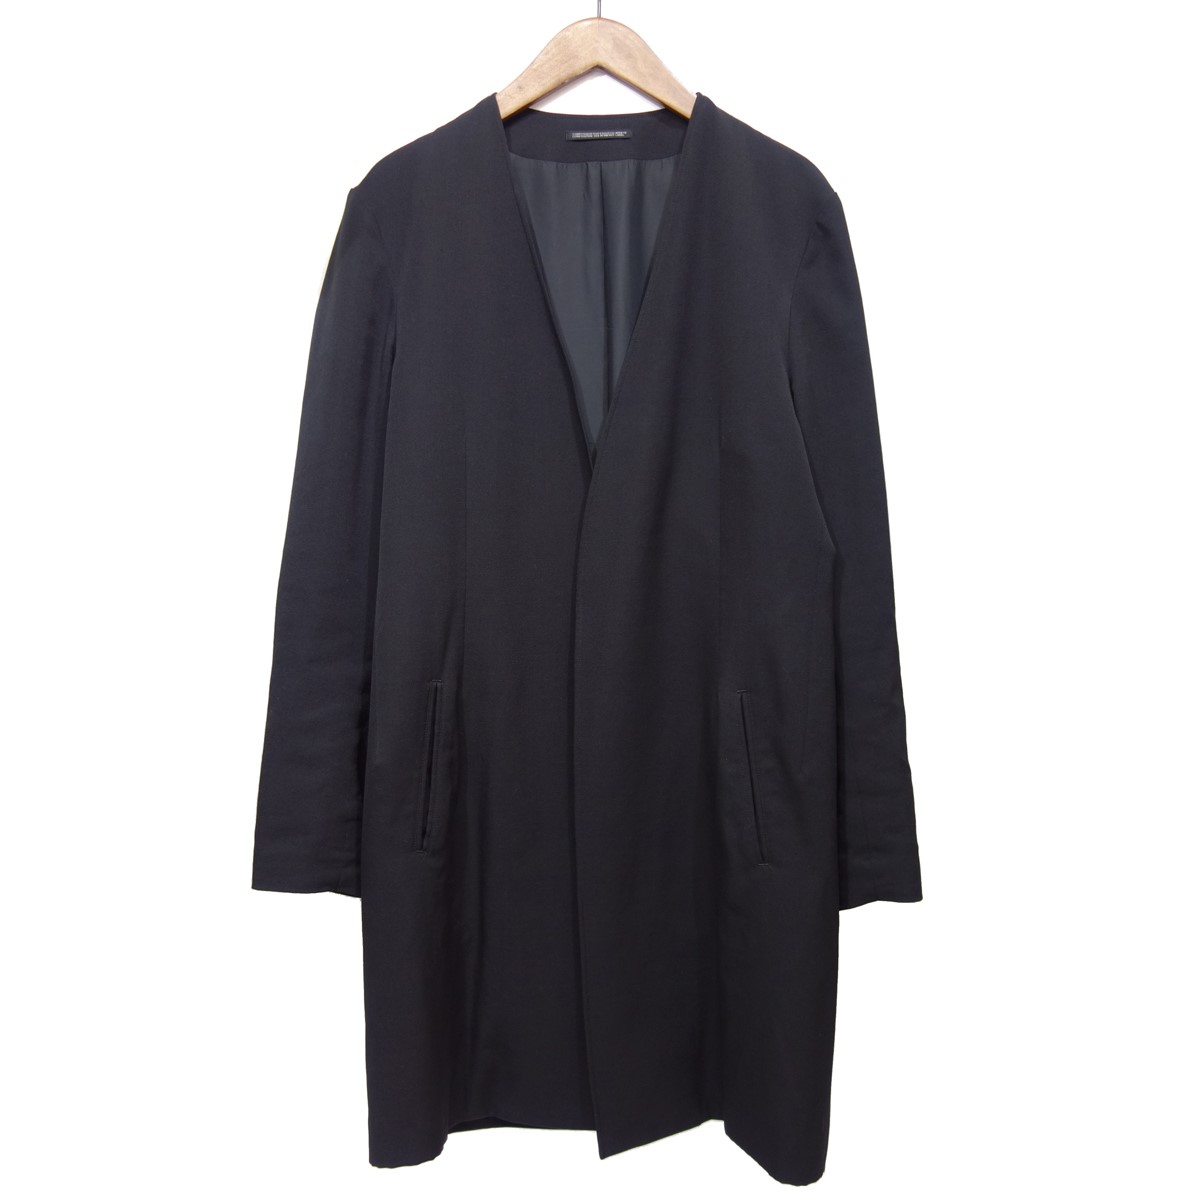 【中古】YOHJI YAMAMOTO pour homme 【2019A/W】 ウールギャバジン ノーカラー コート ブラック サイズ:2 【200420】(ヨウジヤマモトプールオム)